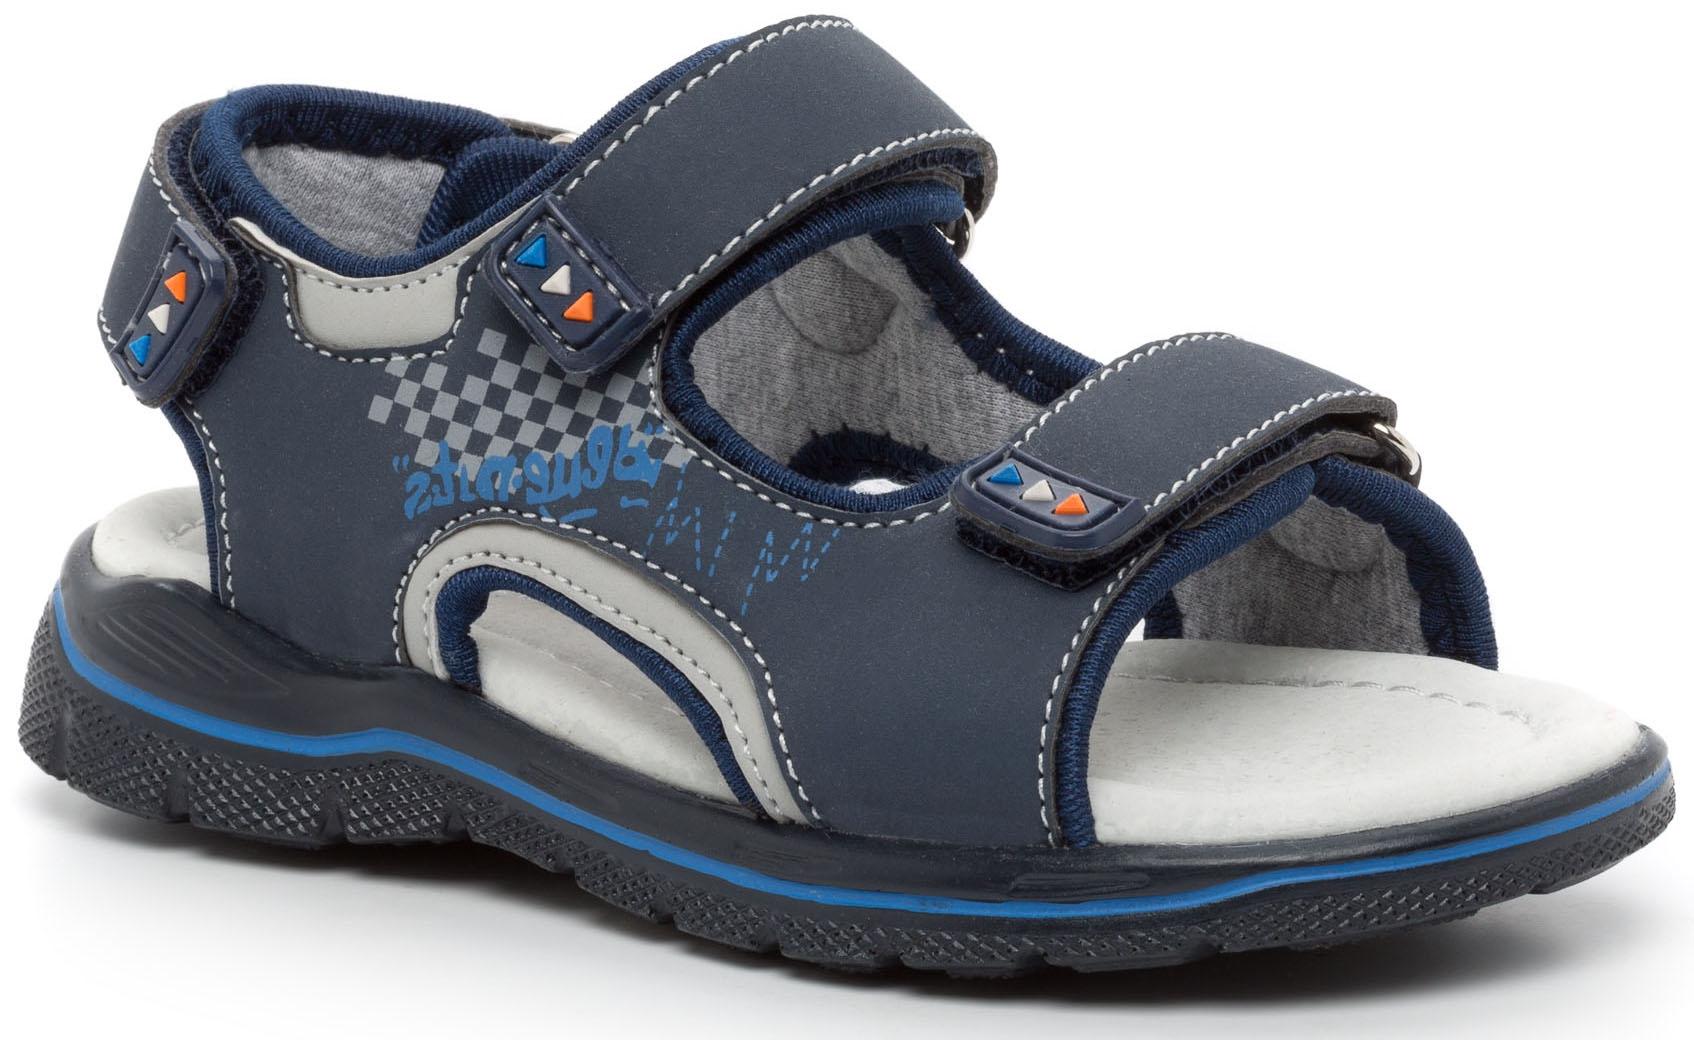 Купить Босоножки, Туфли летние для мальчика Barkito, темно-синие, Китай, темно-синий, Мужской